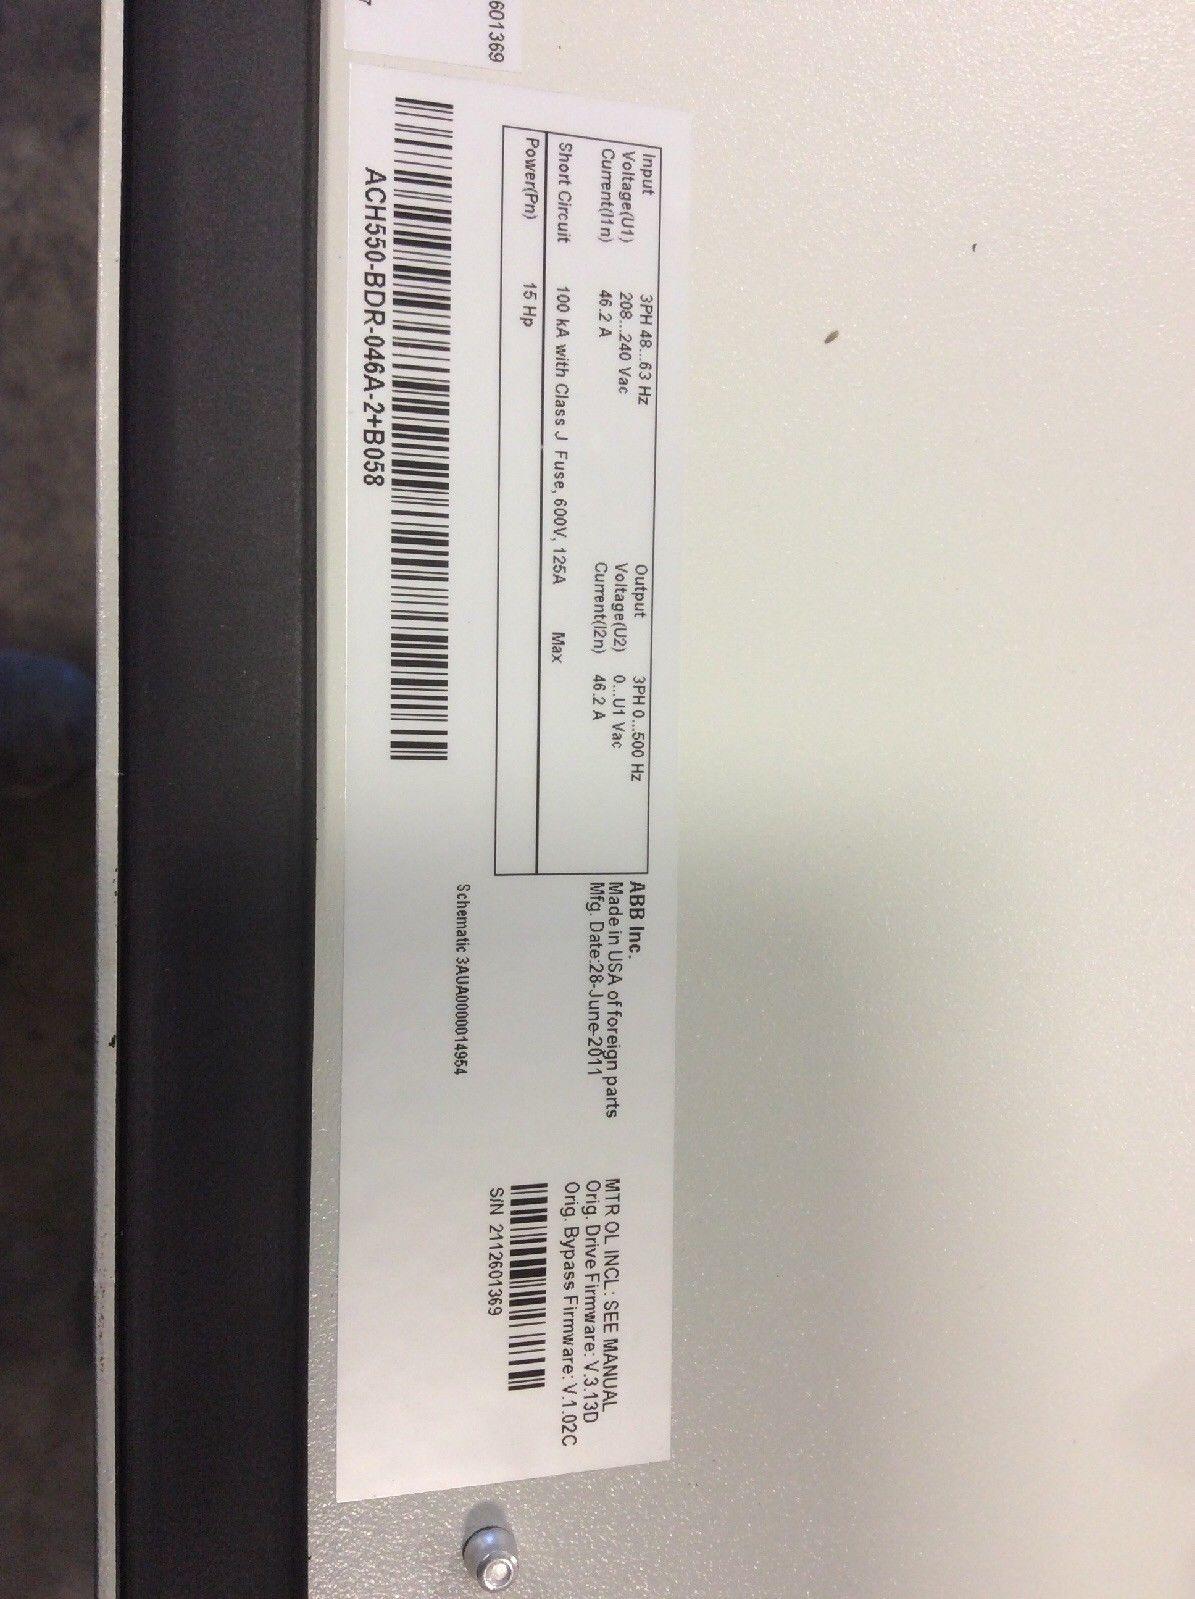 ABB ACH550-BDR-046A-2+B058 Variable Frequency Drive 7 5 HP HVAC 208/240 Volt